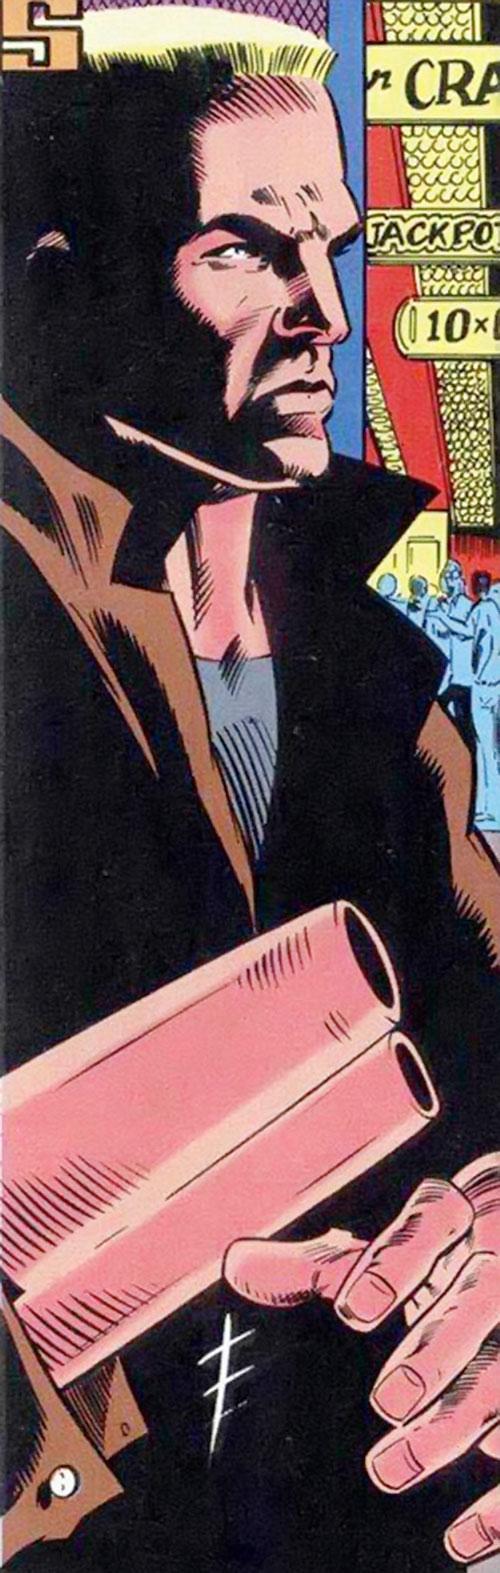 Bushwacker (Marvel Comics) in a casino